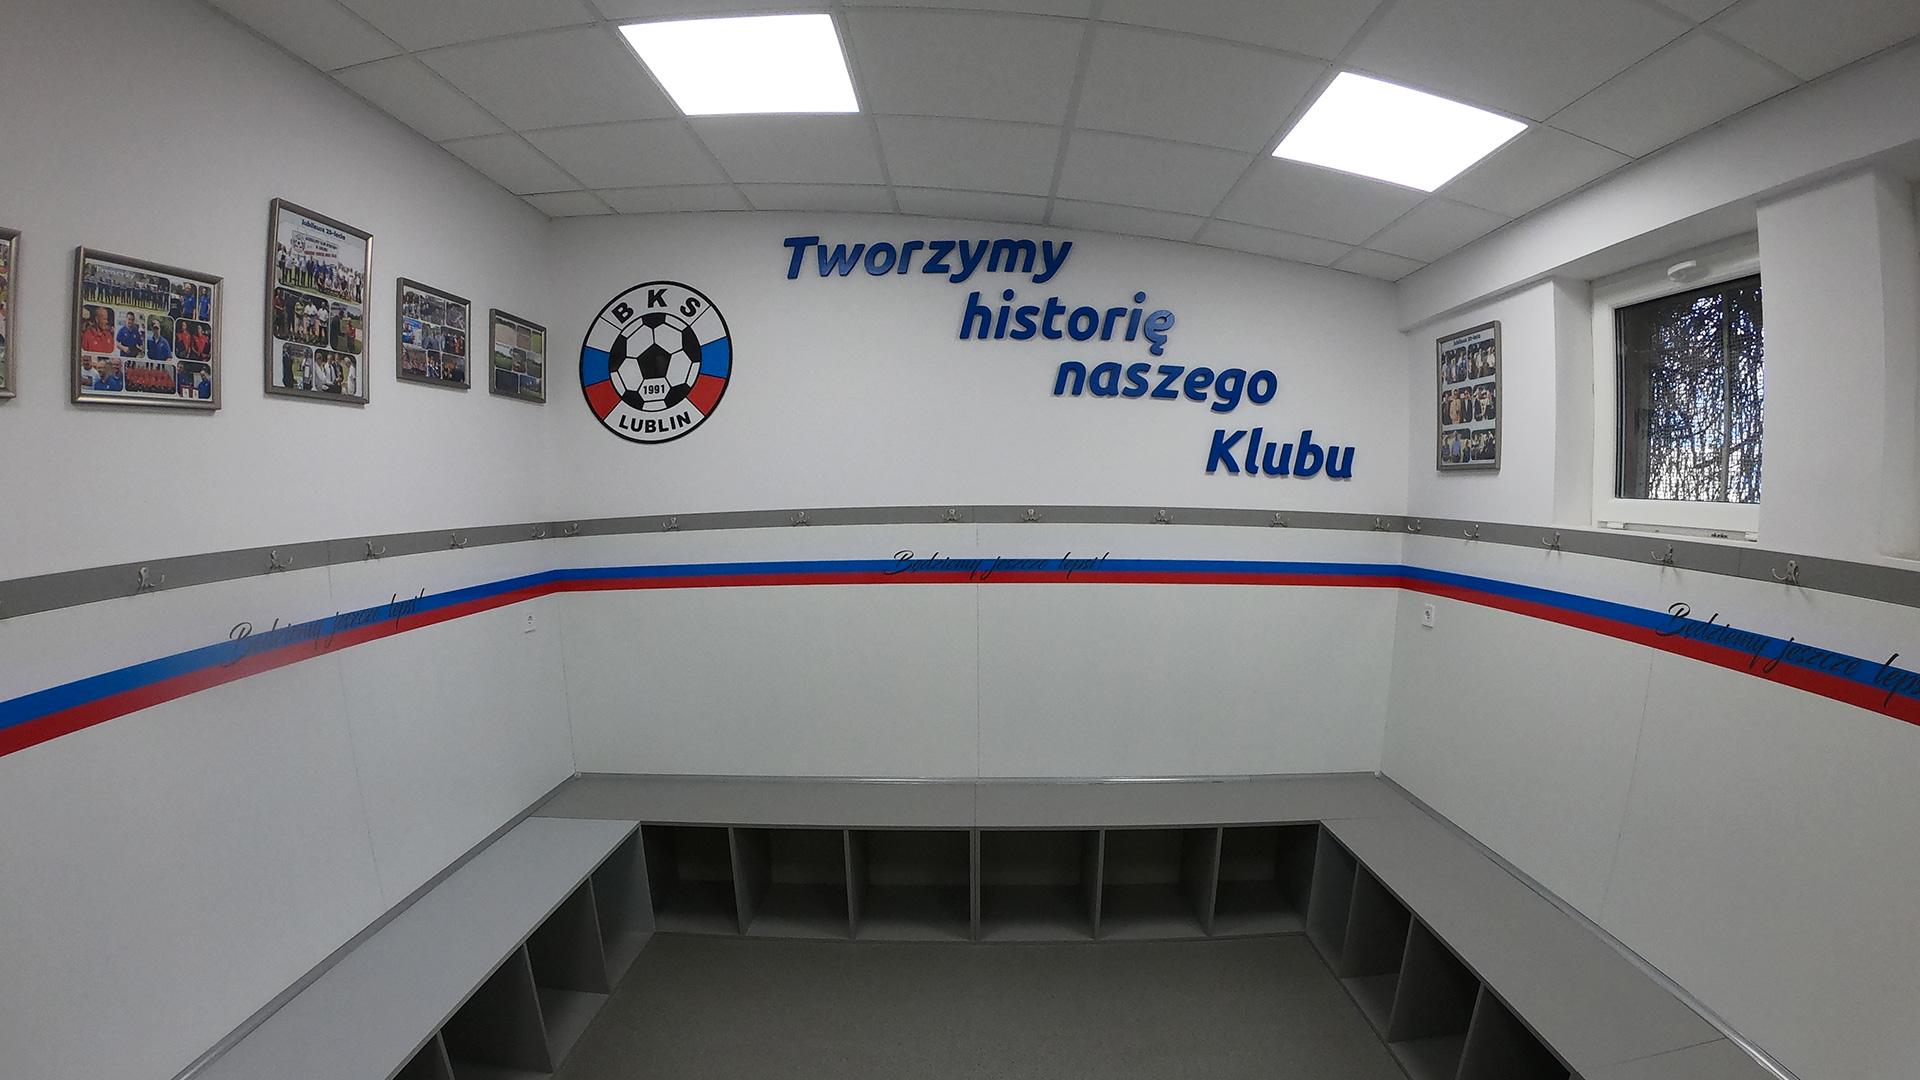 BKS Lublin